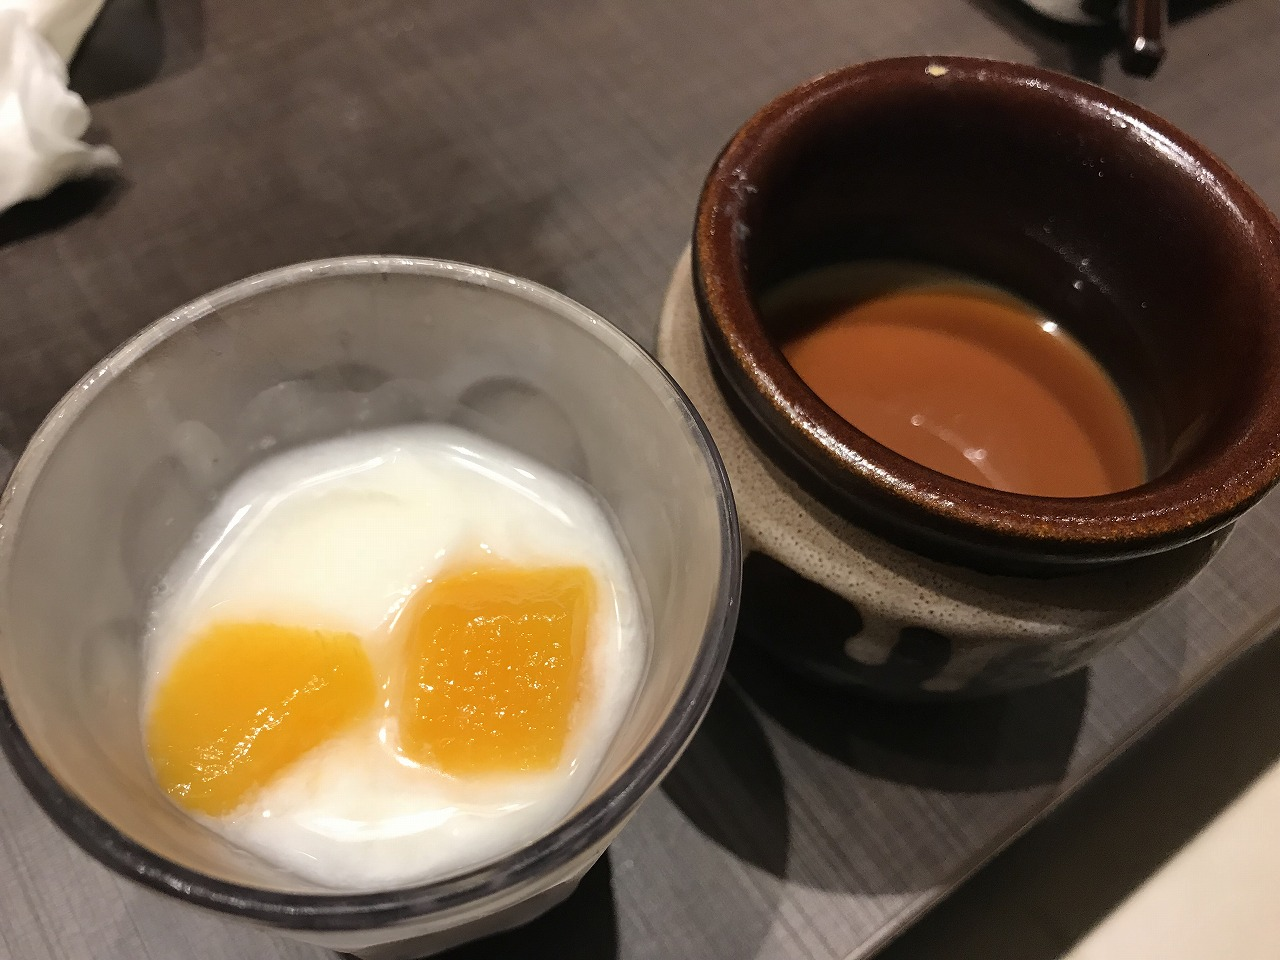 ゆず庵宮崎柳丸店の杏仁豆腐とプリン